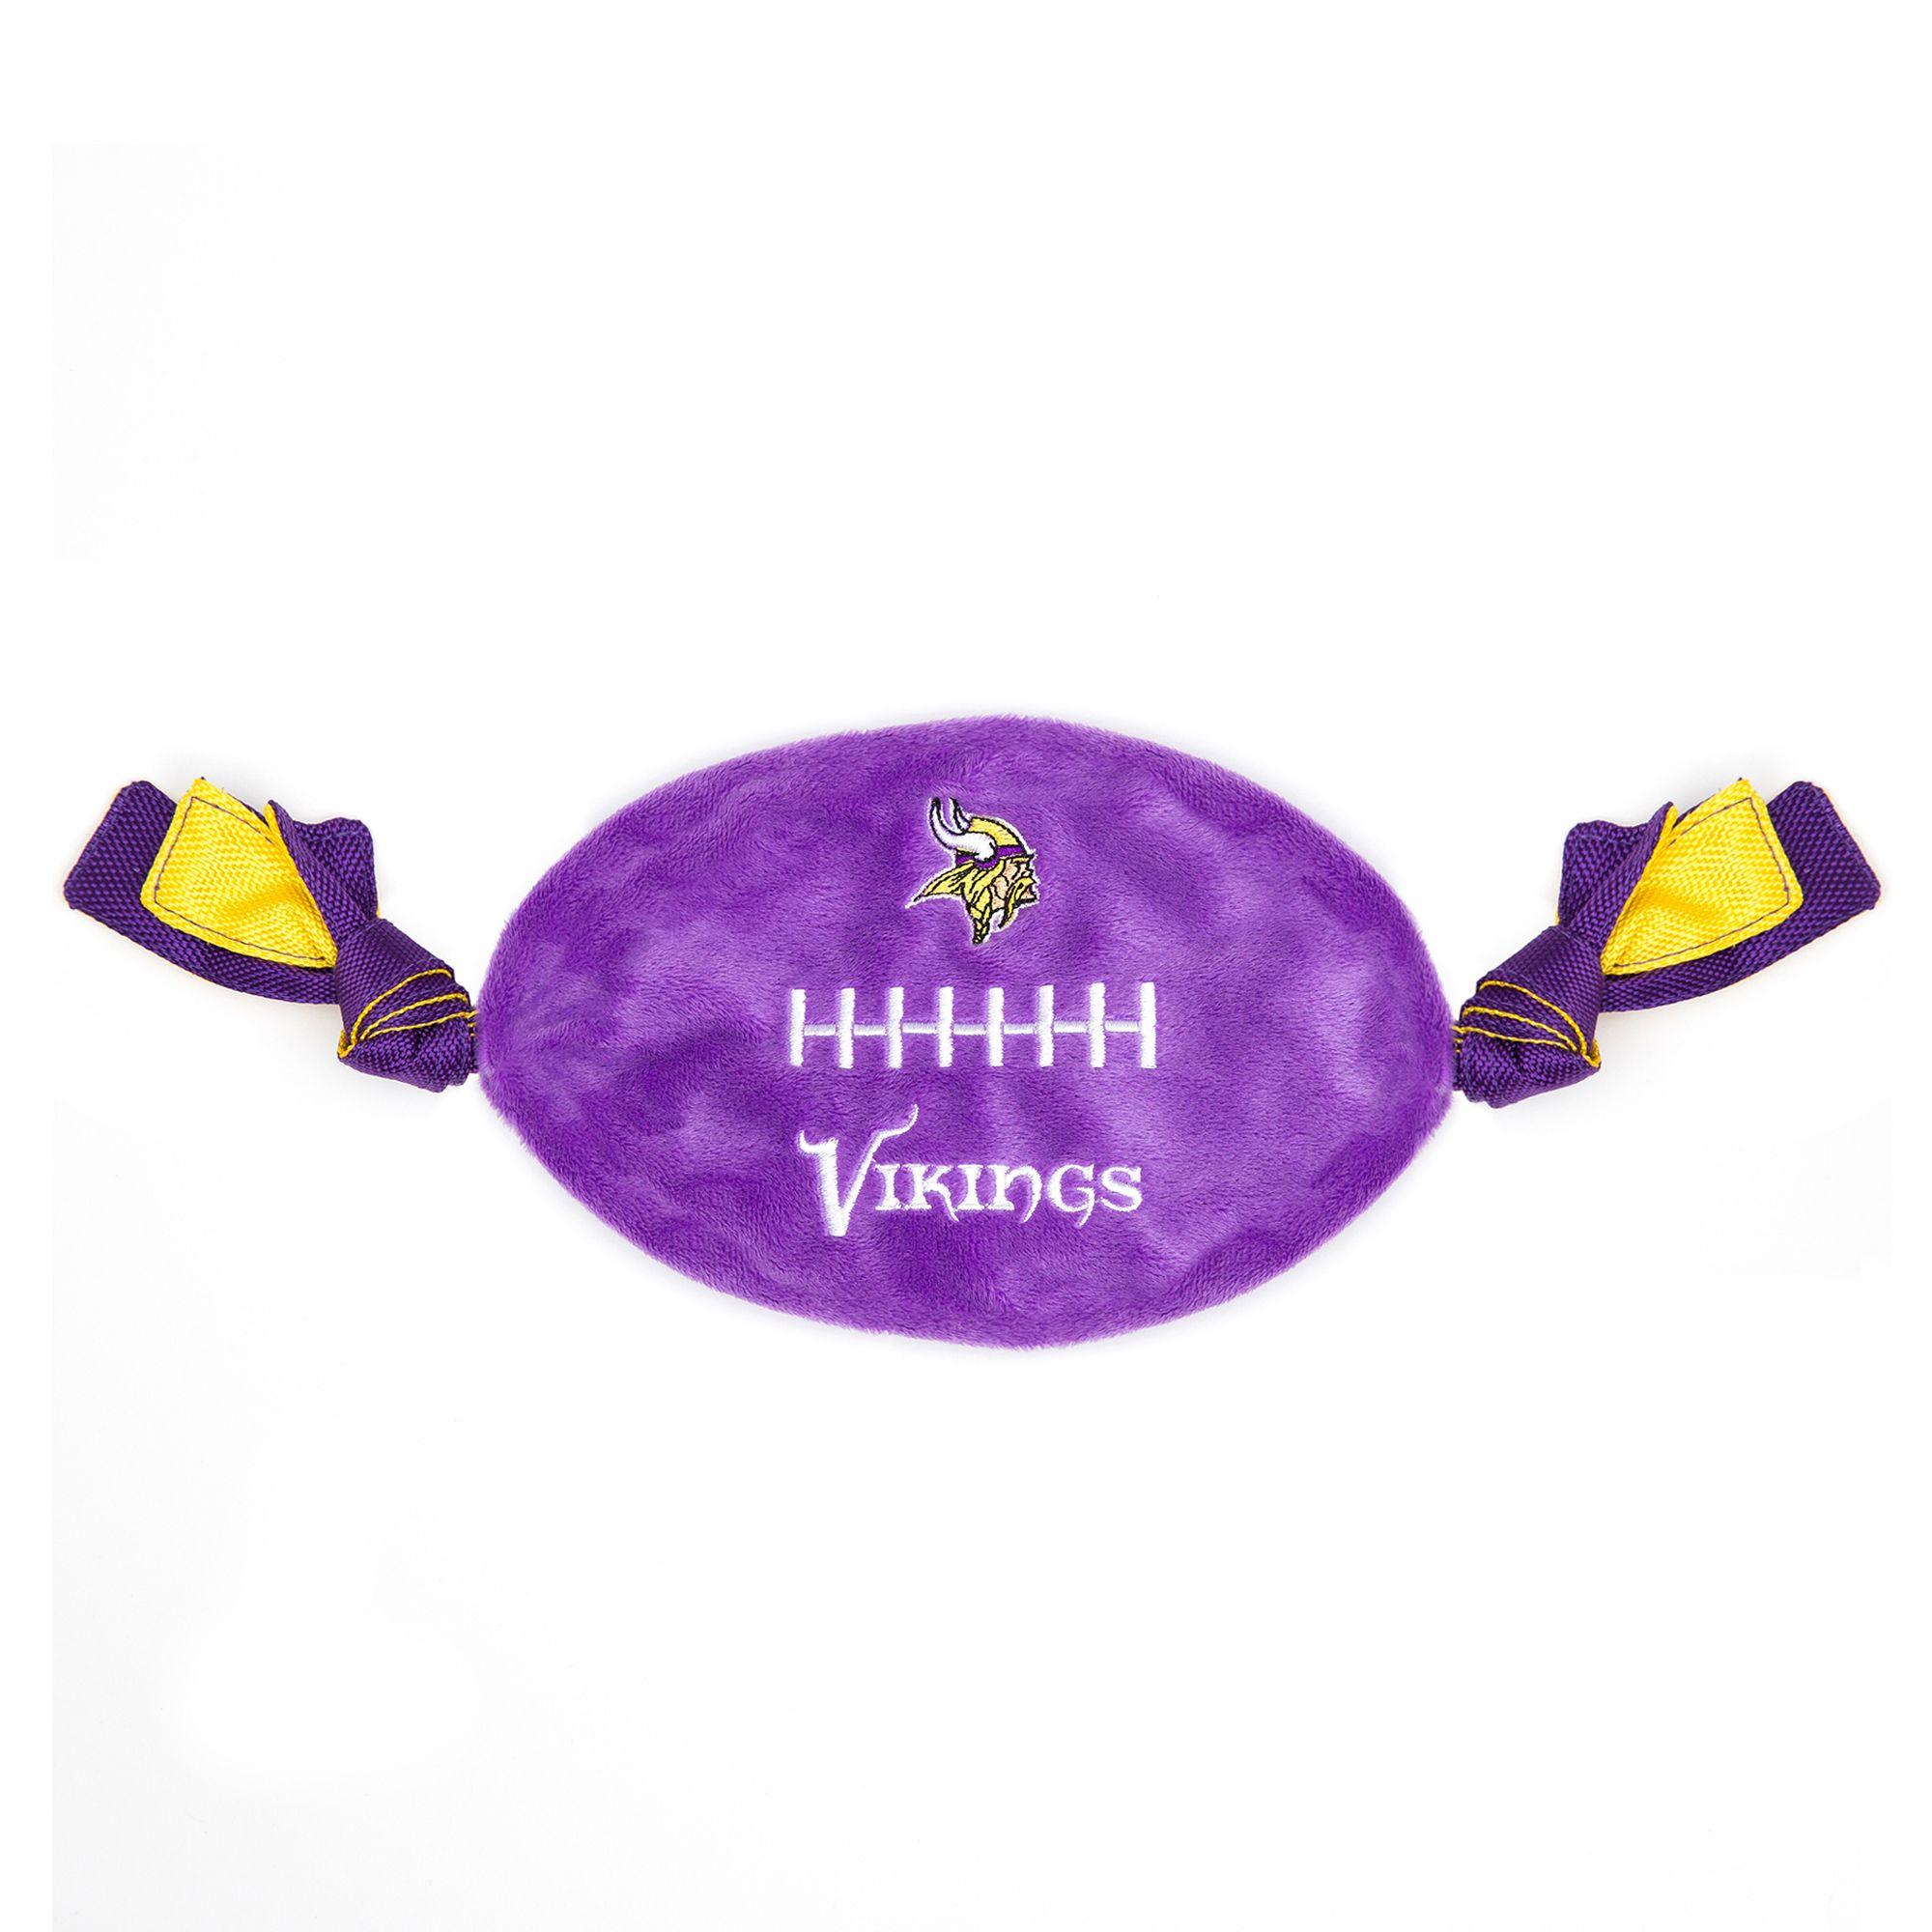 Minnesota Vikings NFL Flattie Crinkle Football Toy, Pets First 5259730